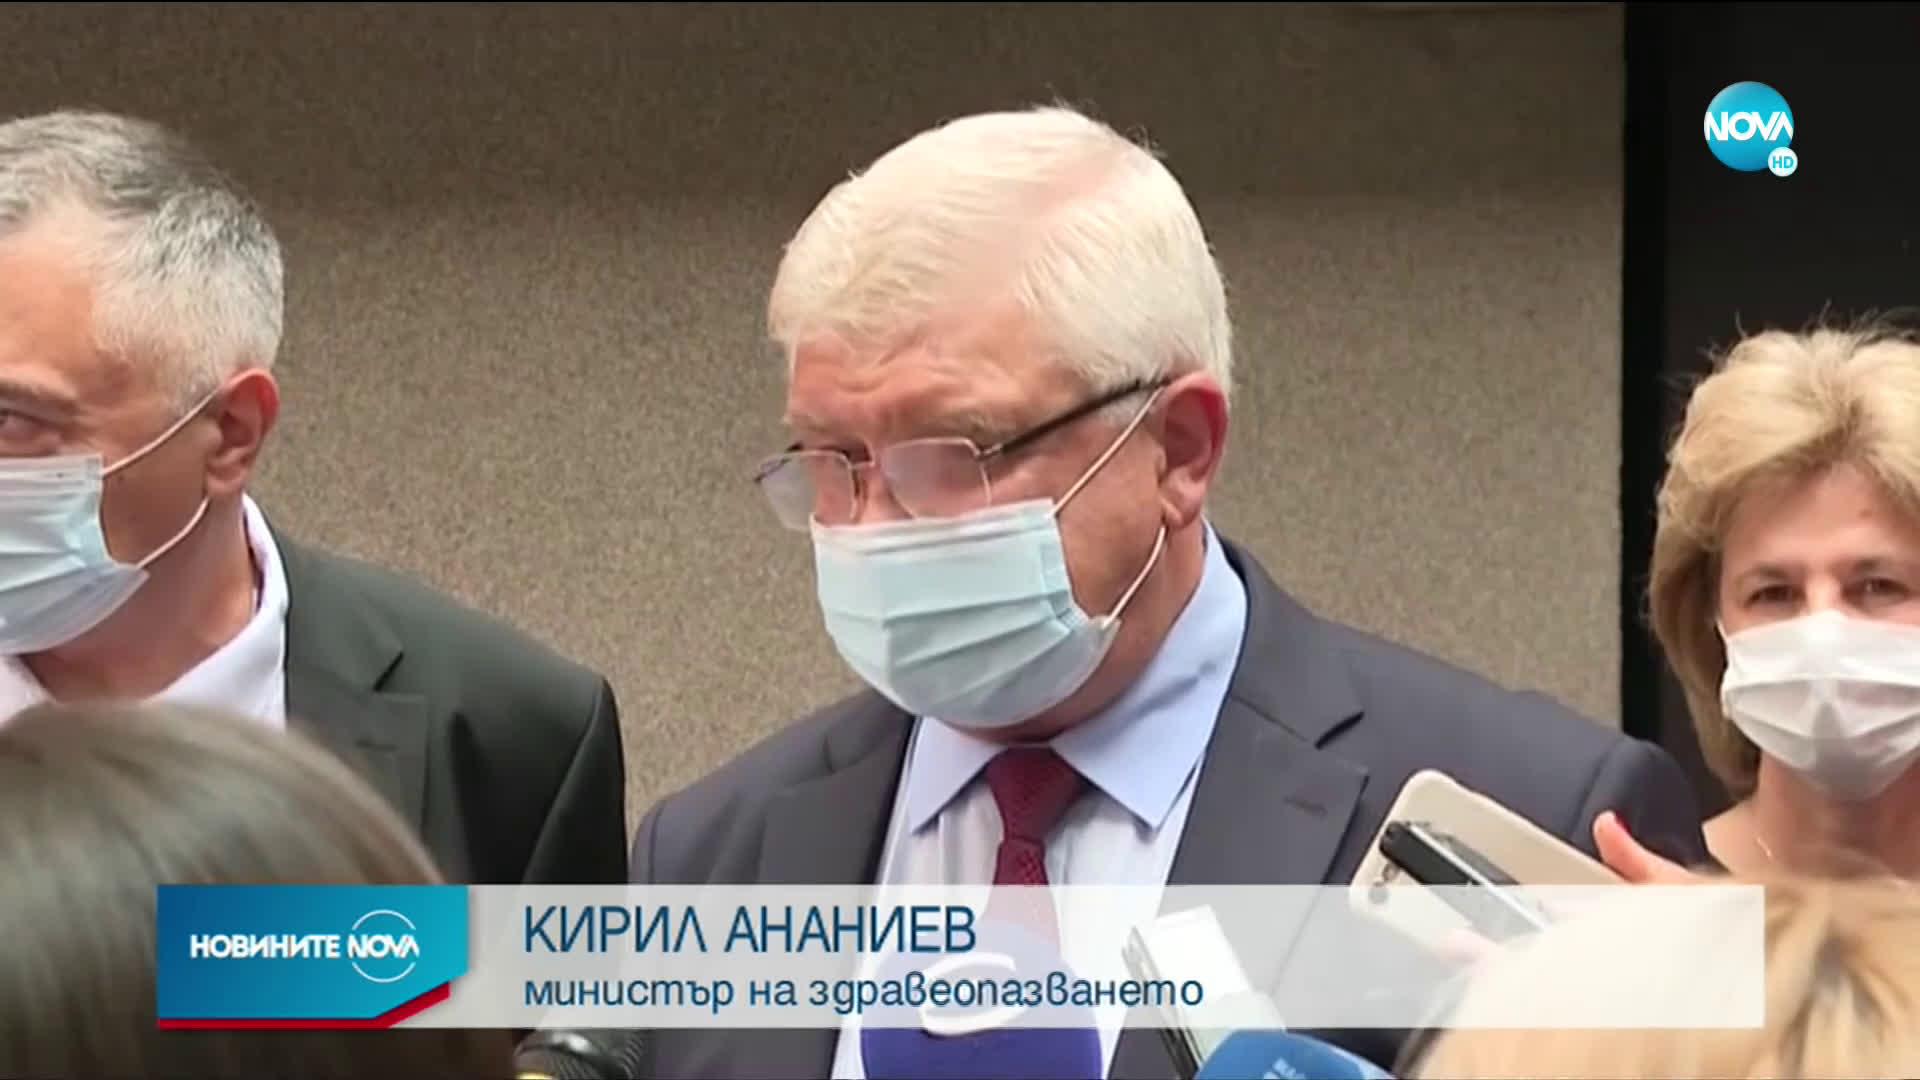 174 нови случаи на коронавирус у нас, има още 4 жертви